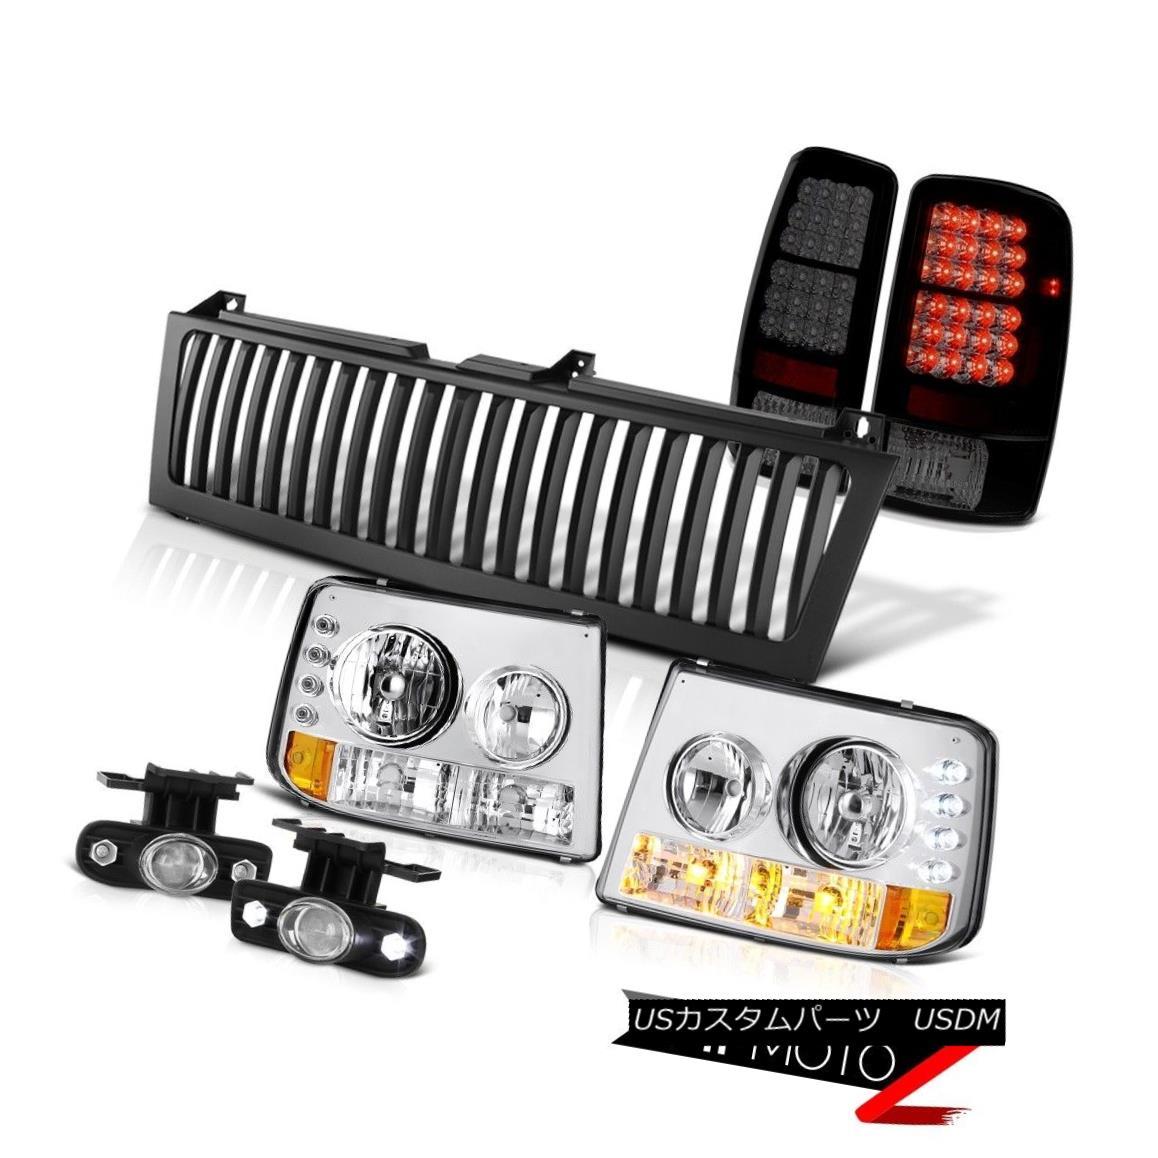 テールライト 2000-2006 Suburban 6.0L Headlight Sinister Taillight Glass Projector Fog Grille 2000-2006郊外の6.0Lヘッドライト不器用なテールライトガラスプロジェクターフォググリル